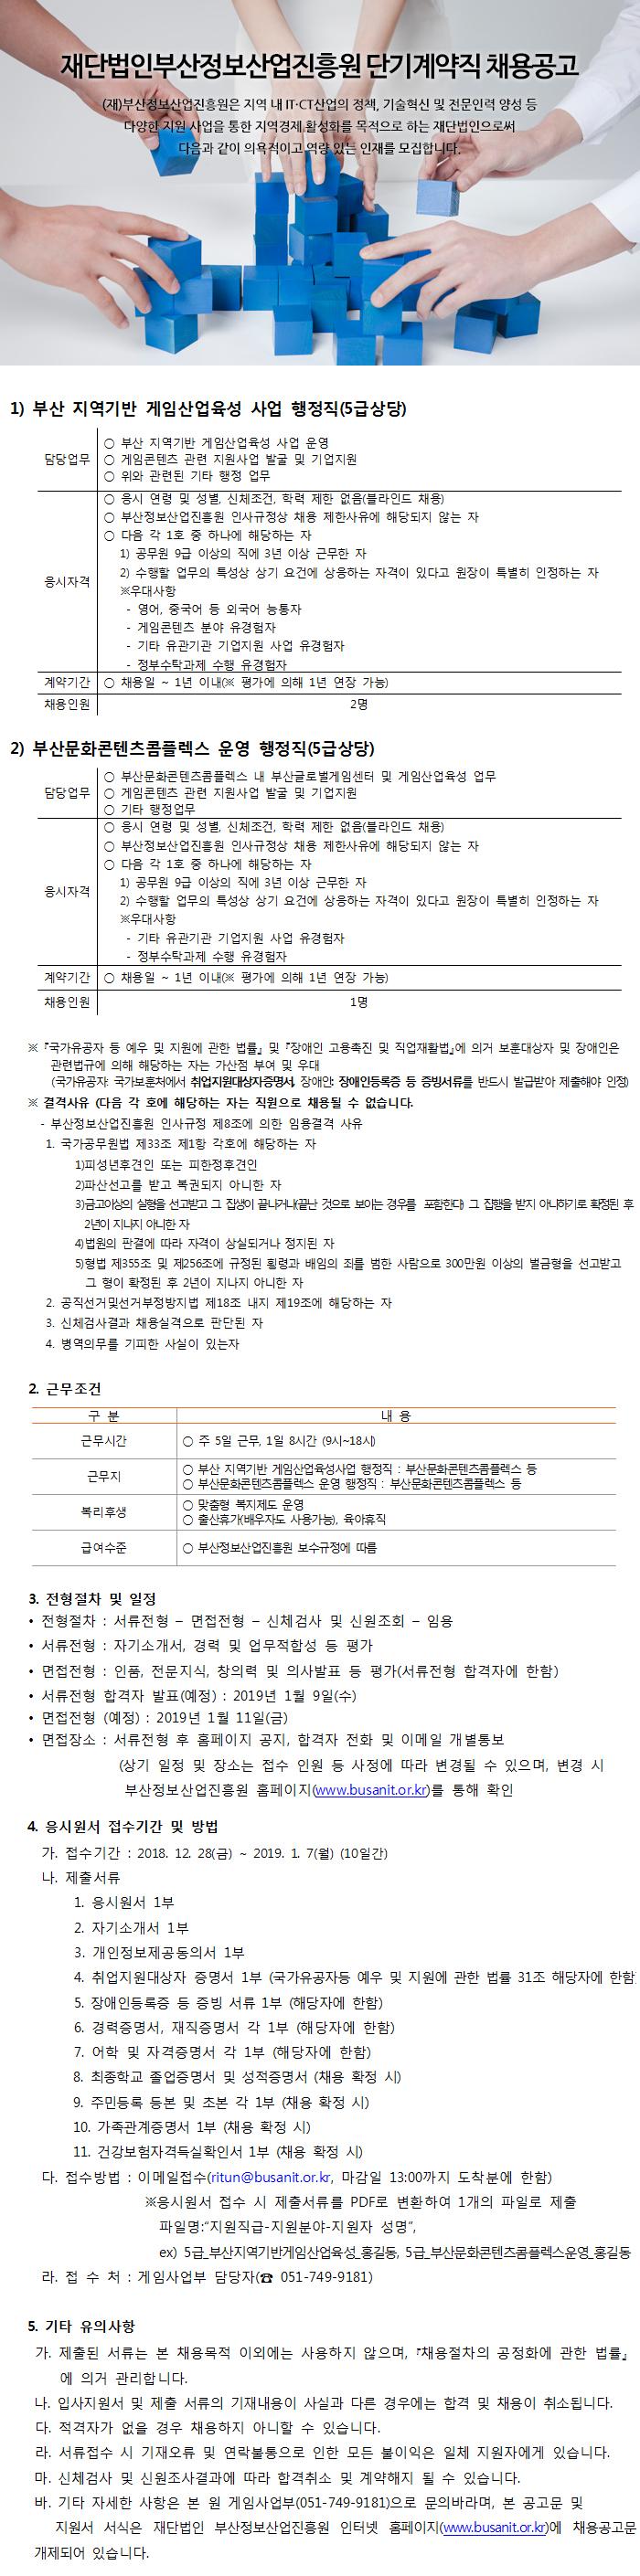 재단법인부산정보산업진흥원 단기계약직 채용공고